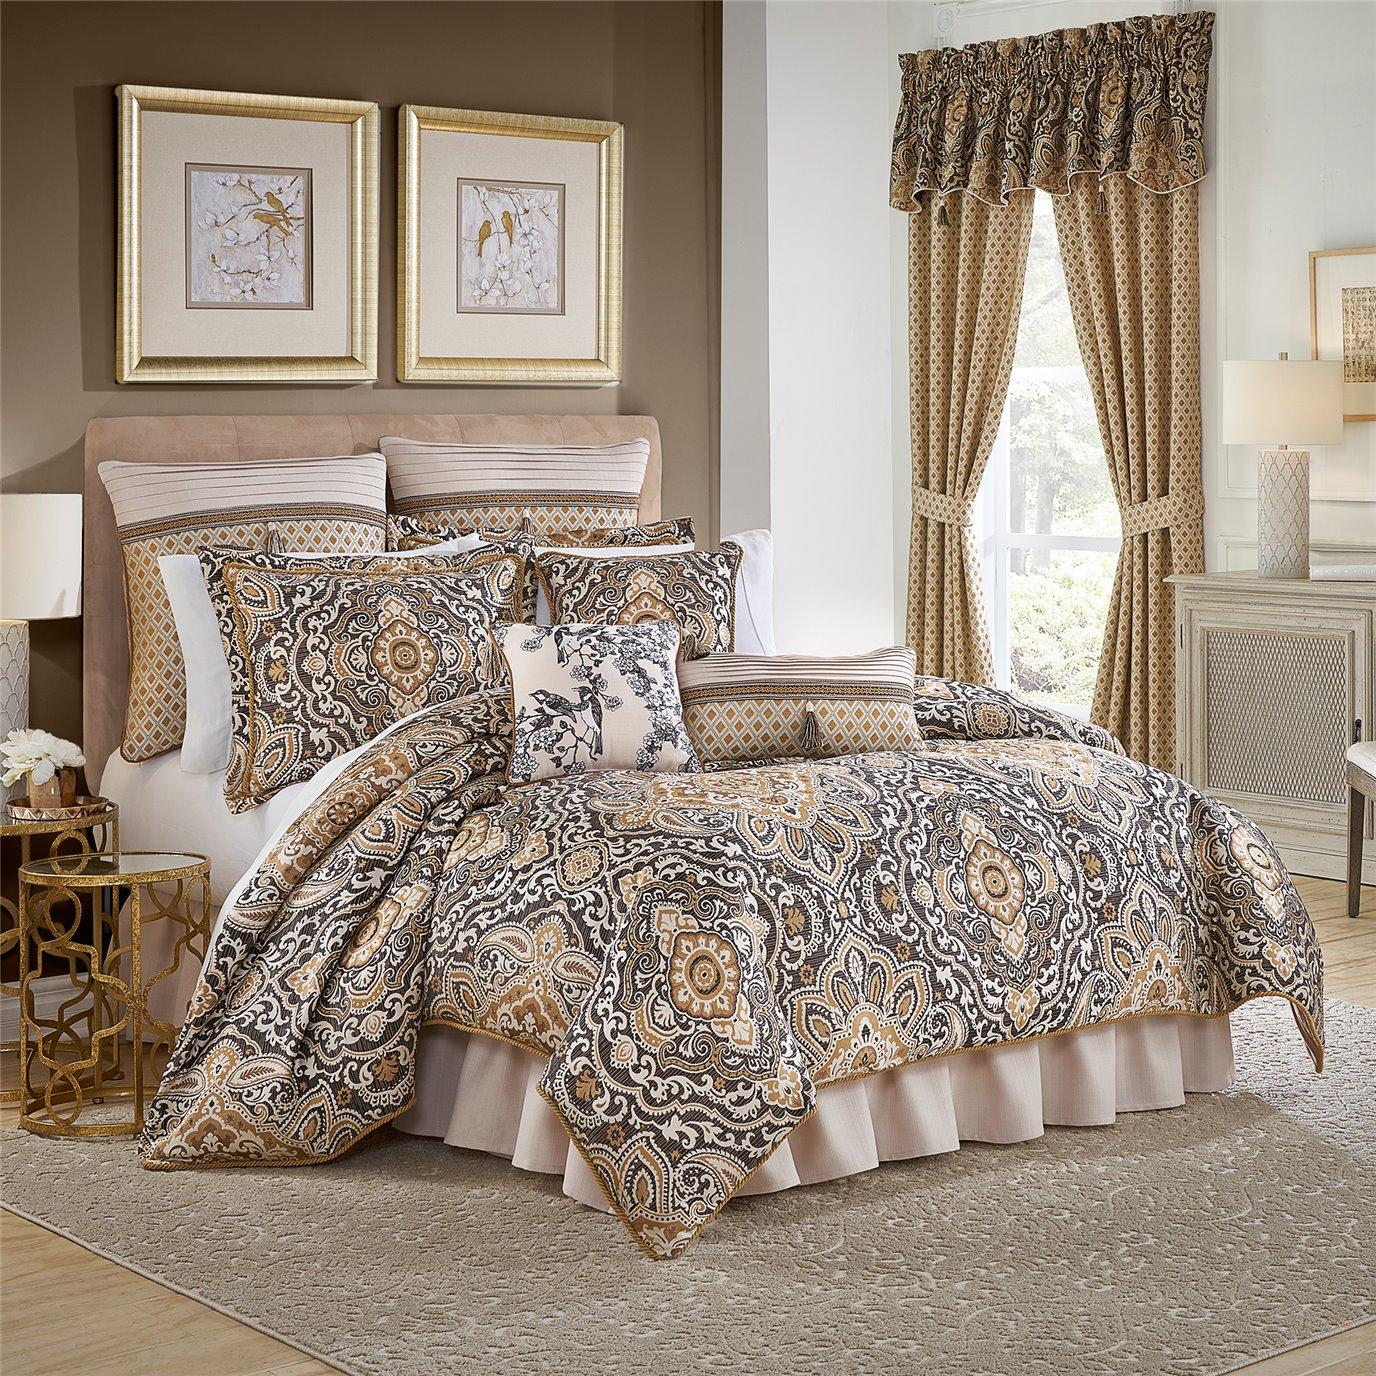 Philomena Queen 4 Piece Comforter set